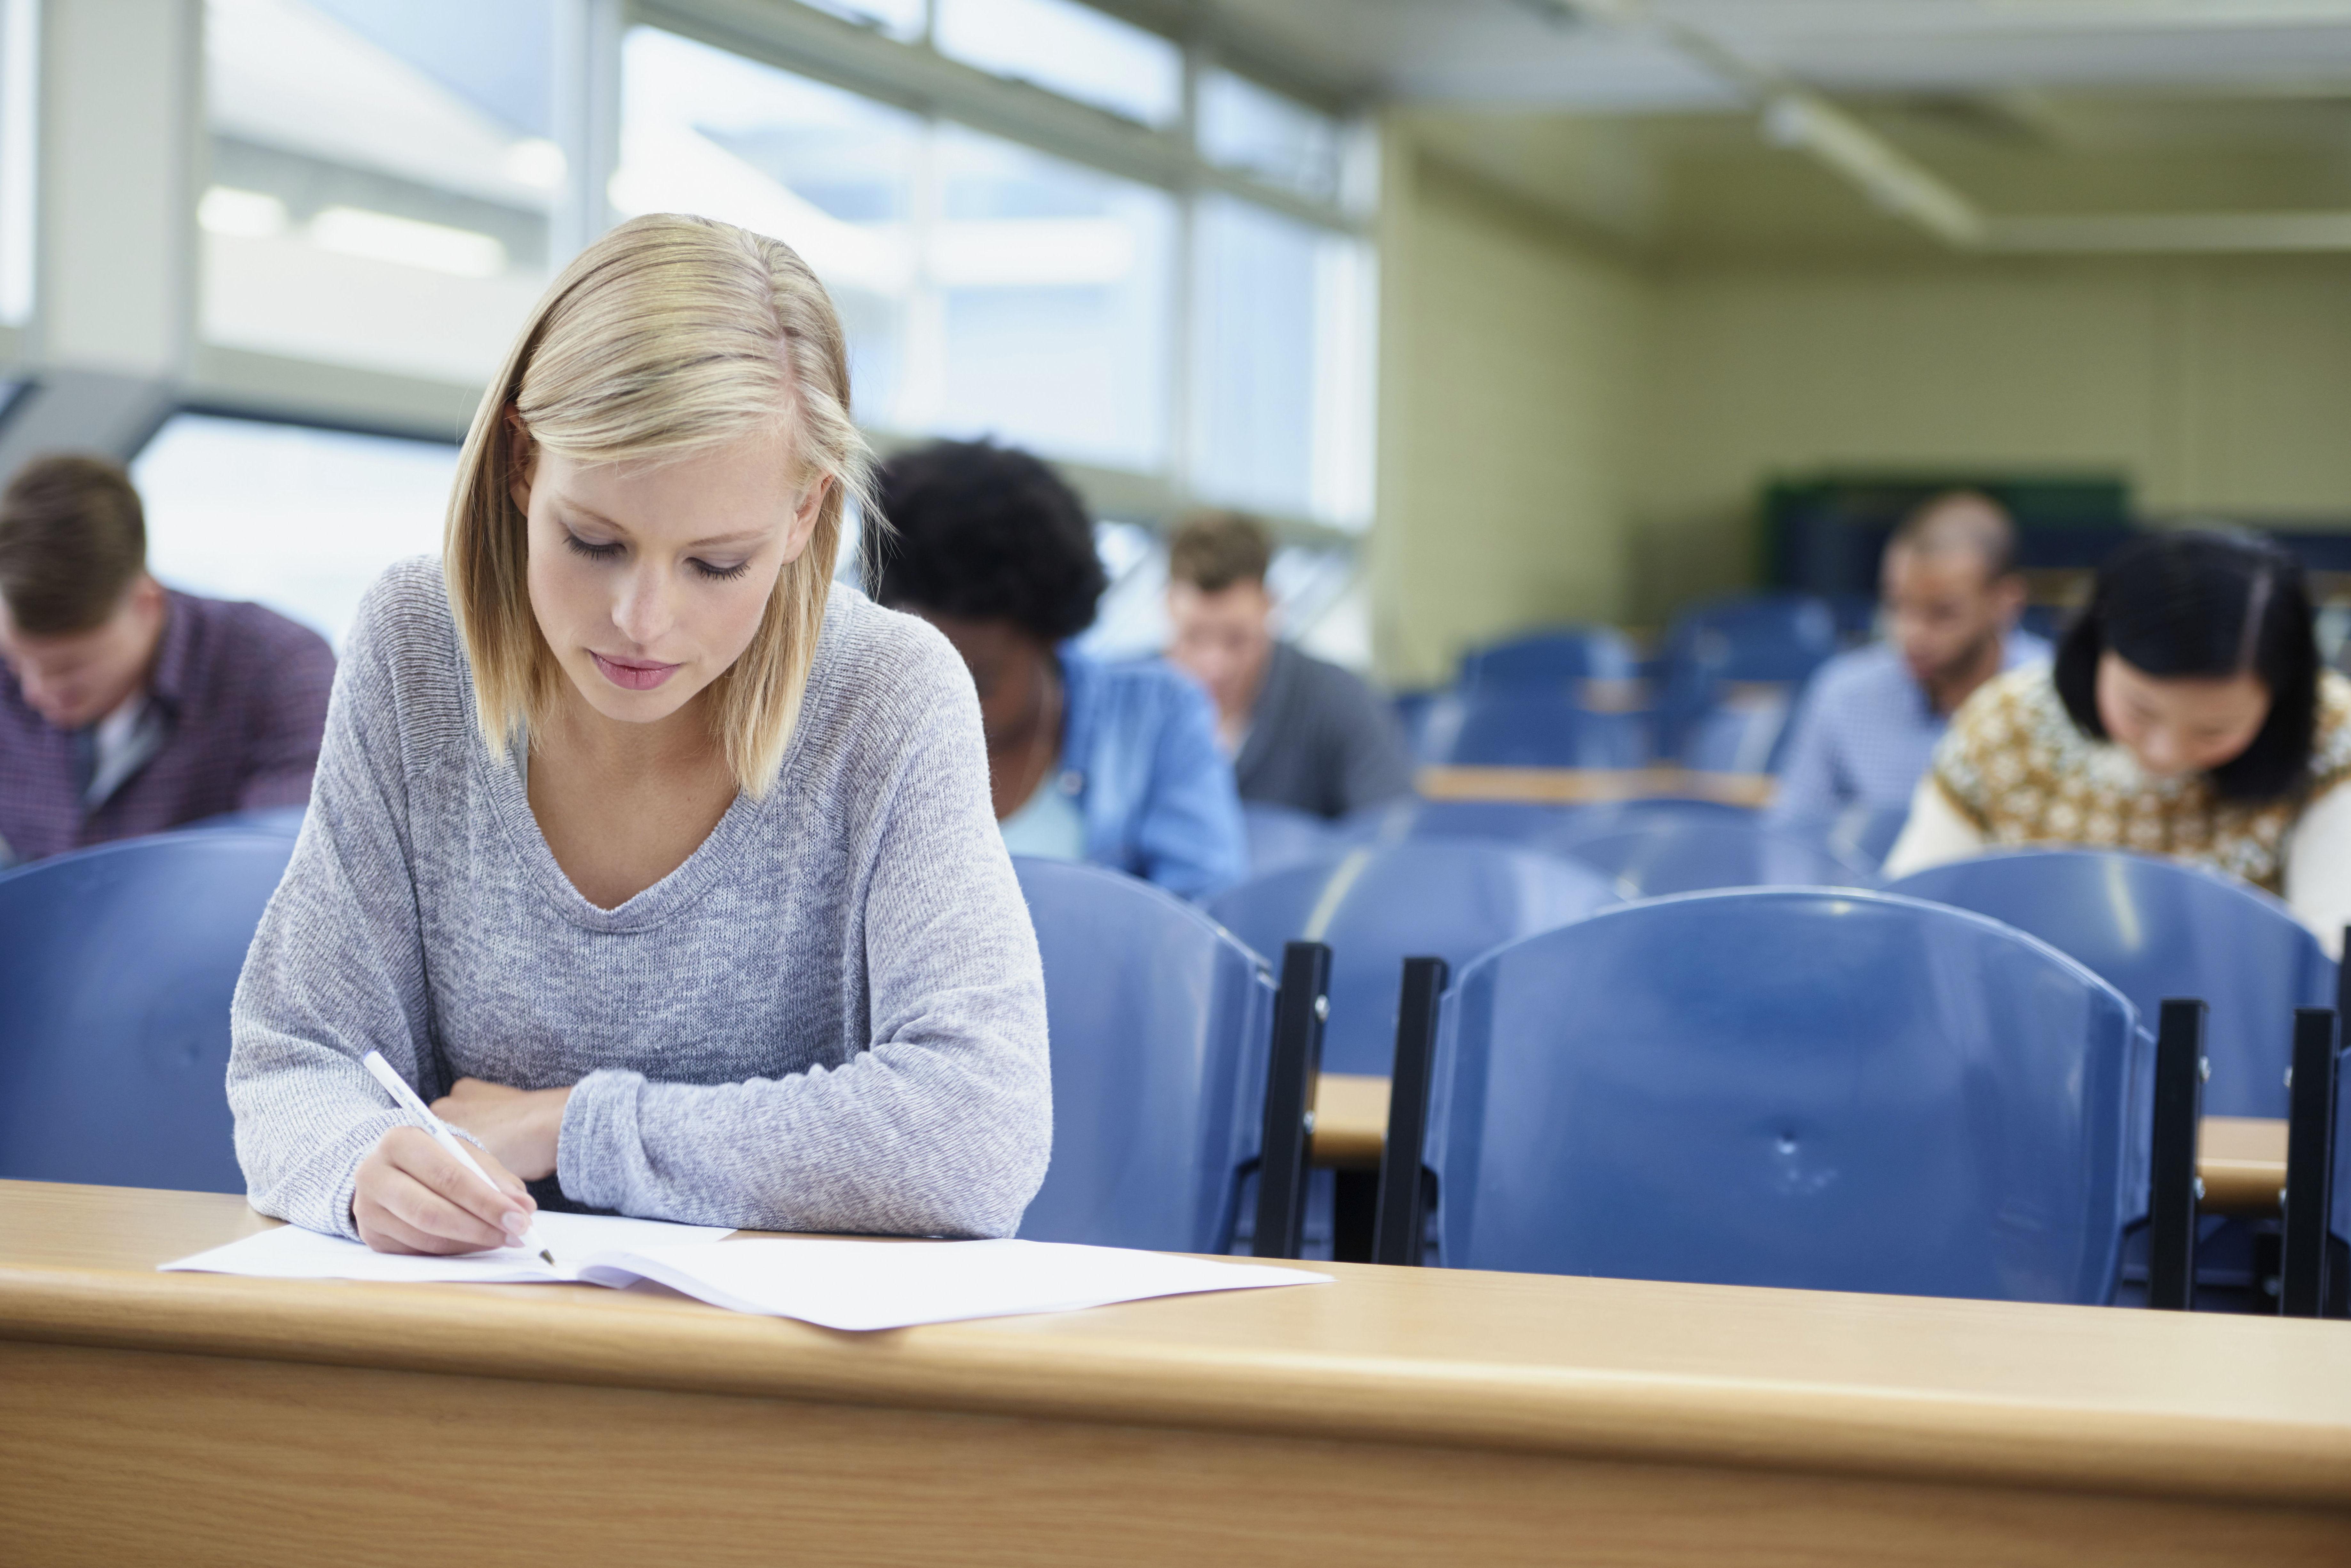 Preparación de exámenes